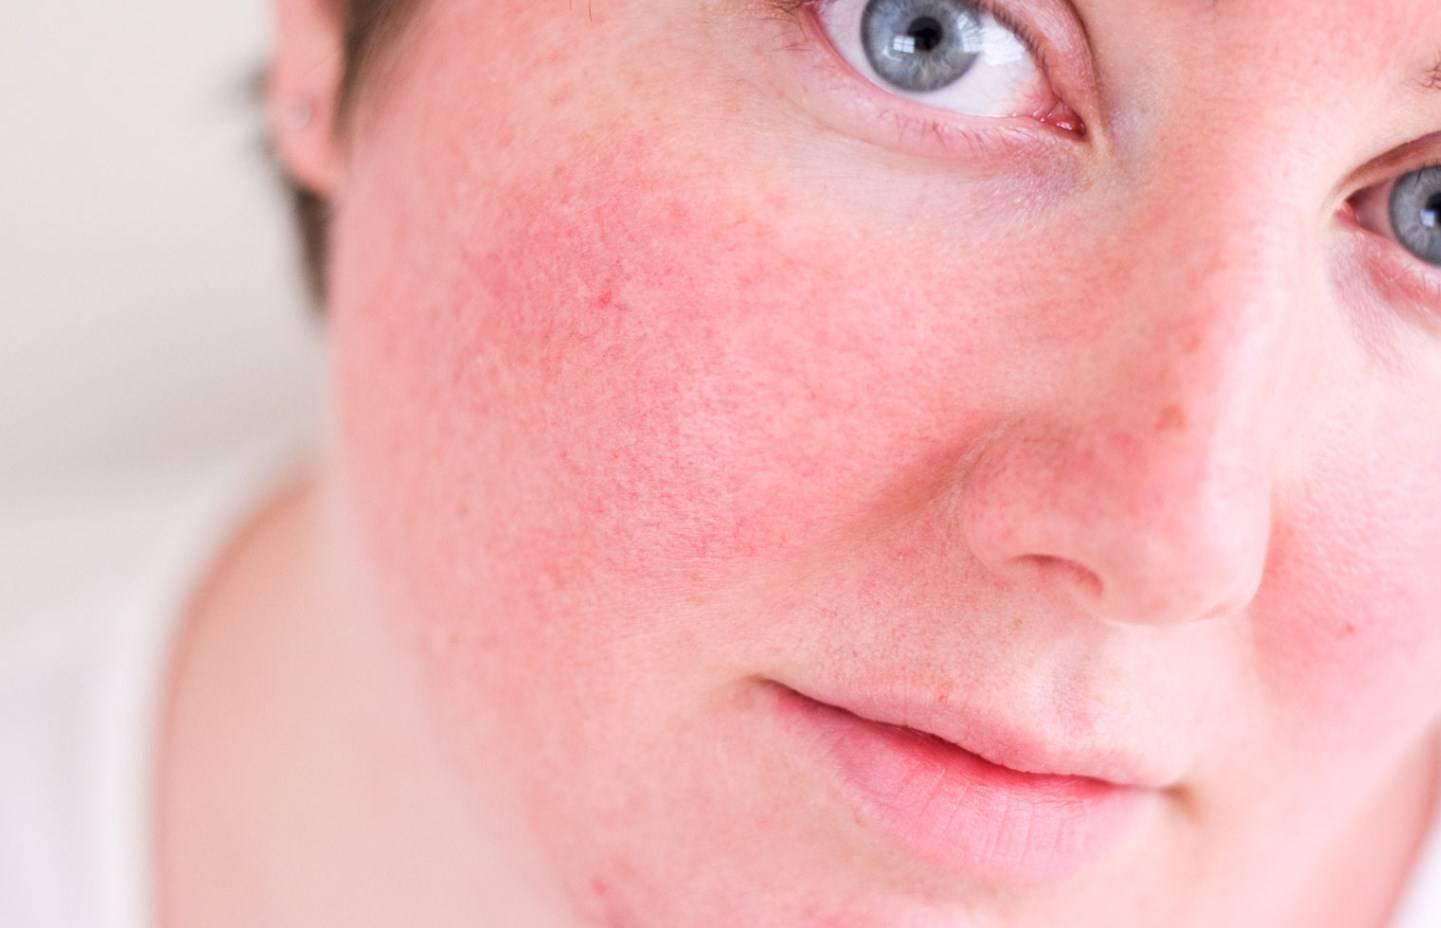 Крем от розацеа на лице: косметика и лечебные мази